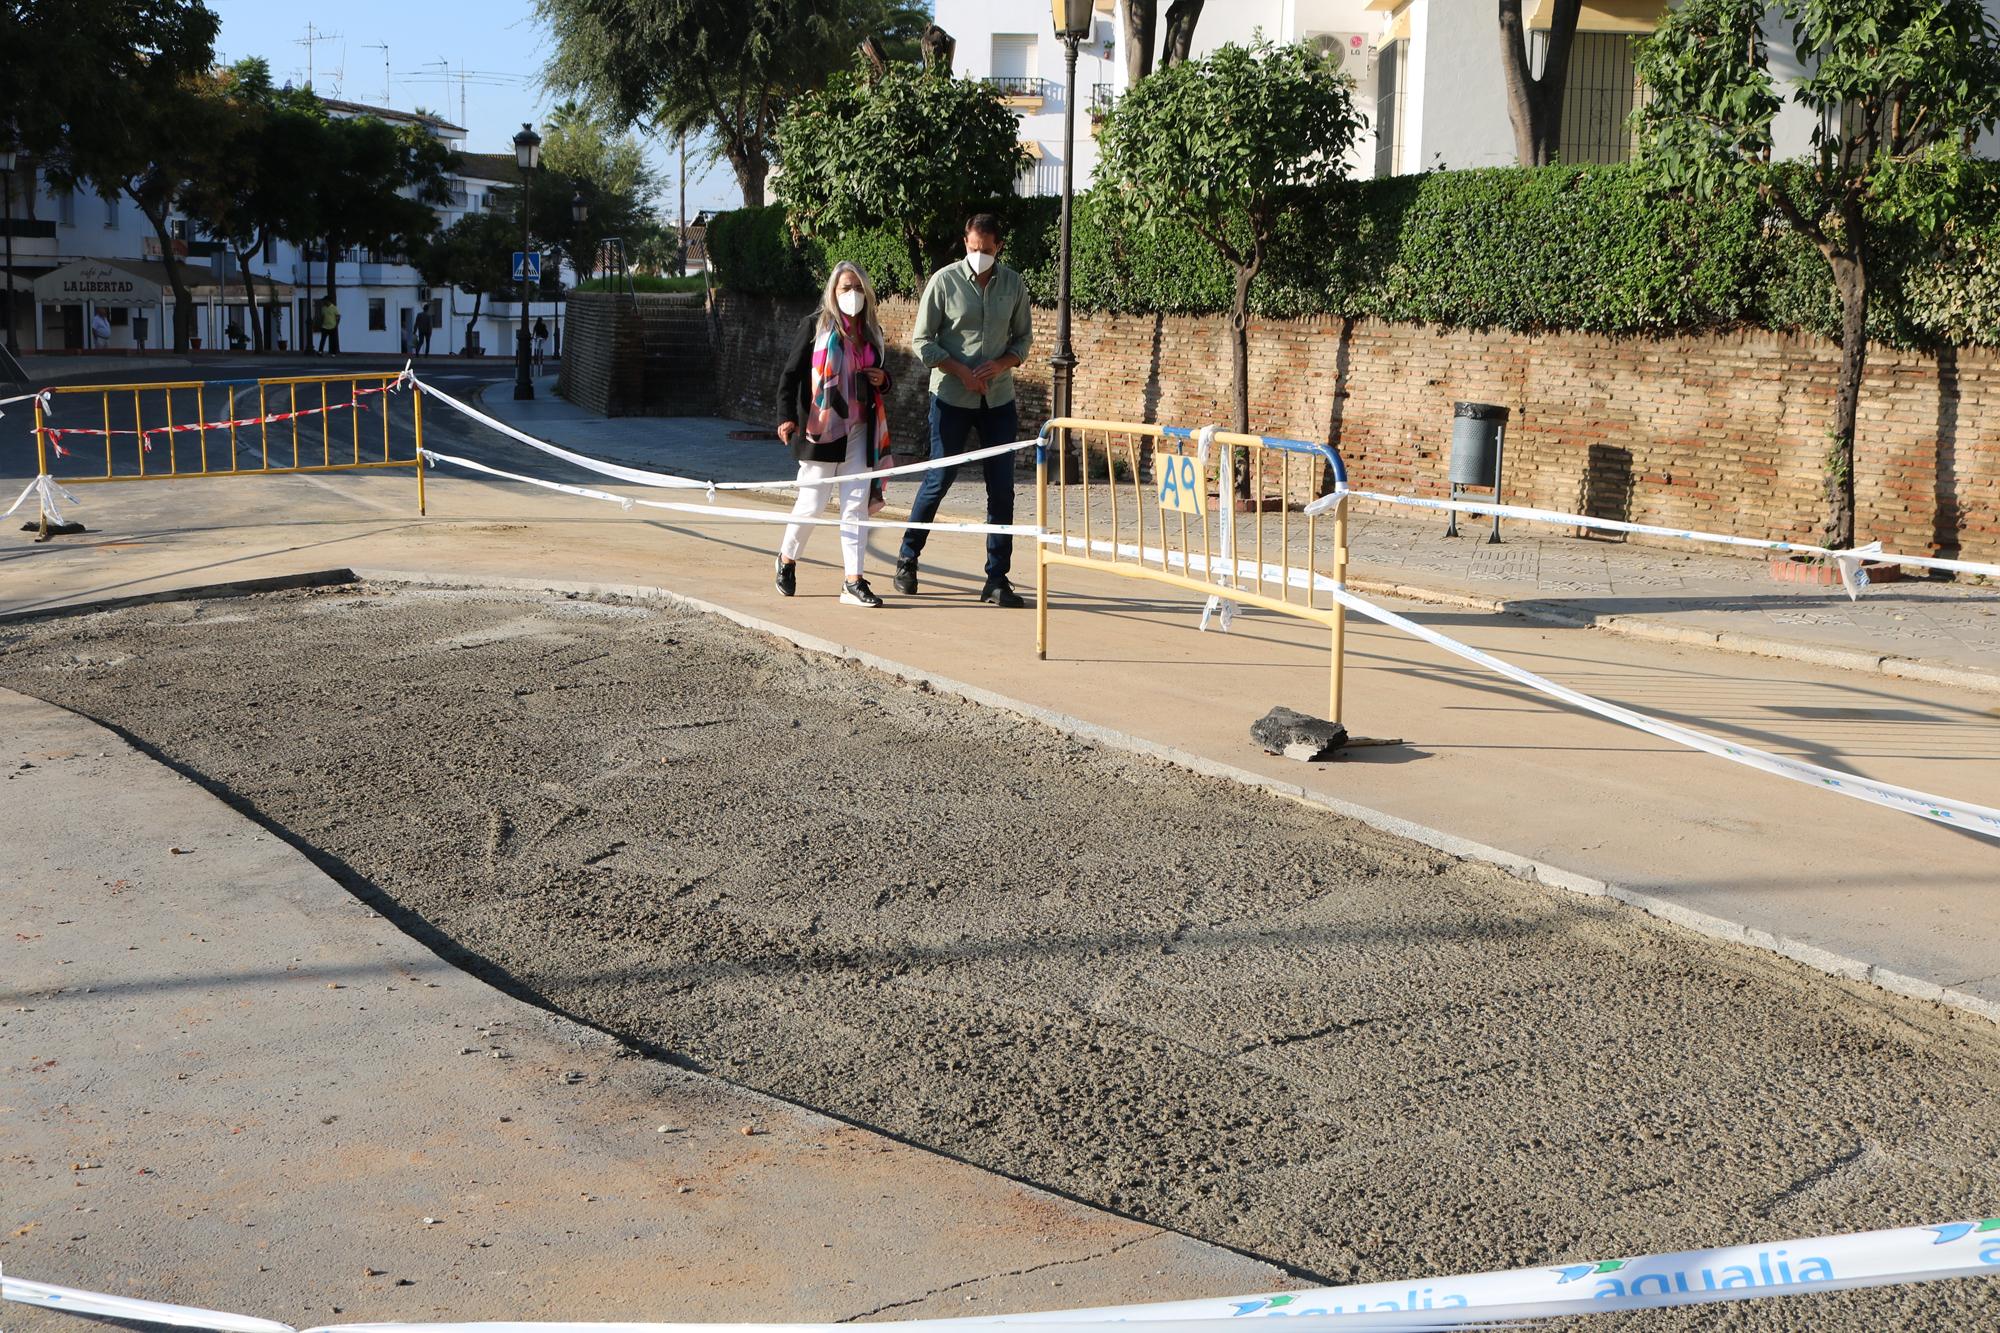 Abierta al tráfico en su totalidad la Avenida de El Rompido tras la reparación del socavón junto al centro de salud